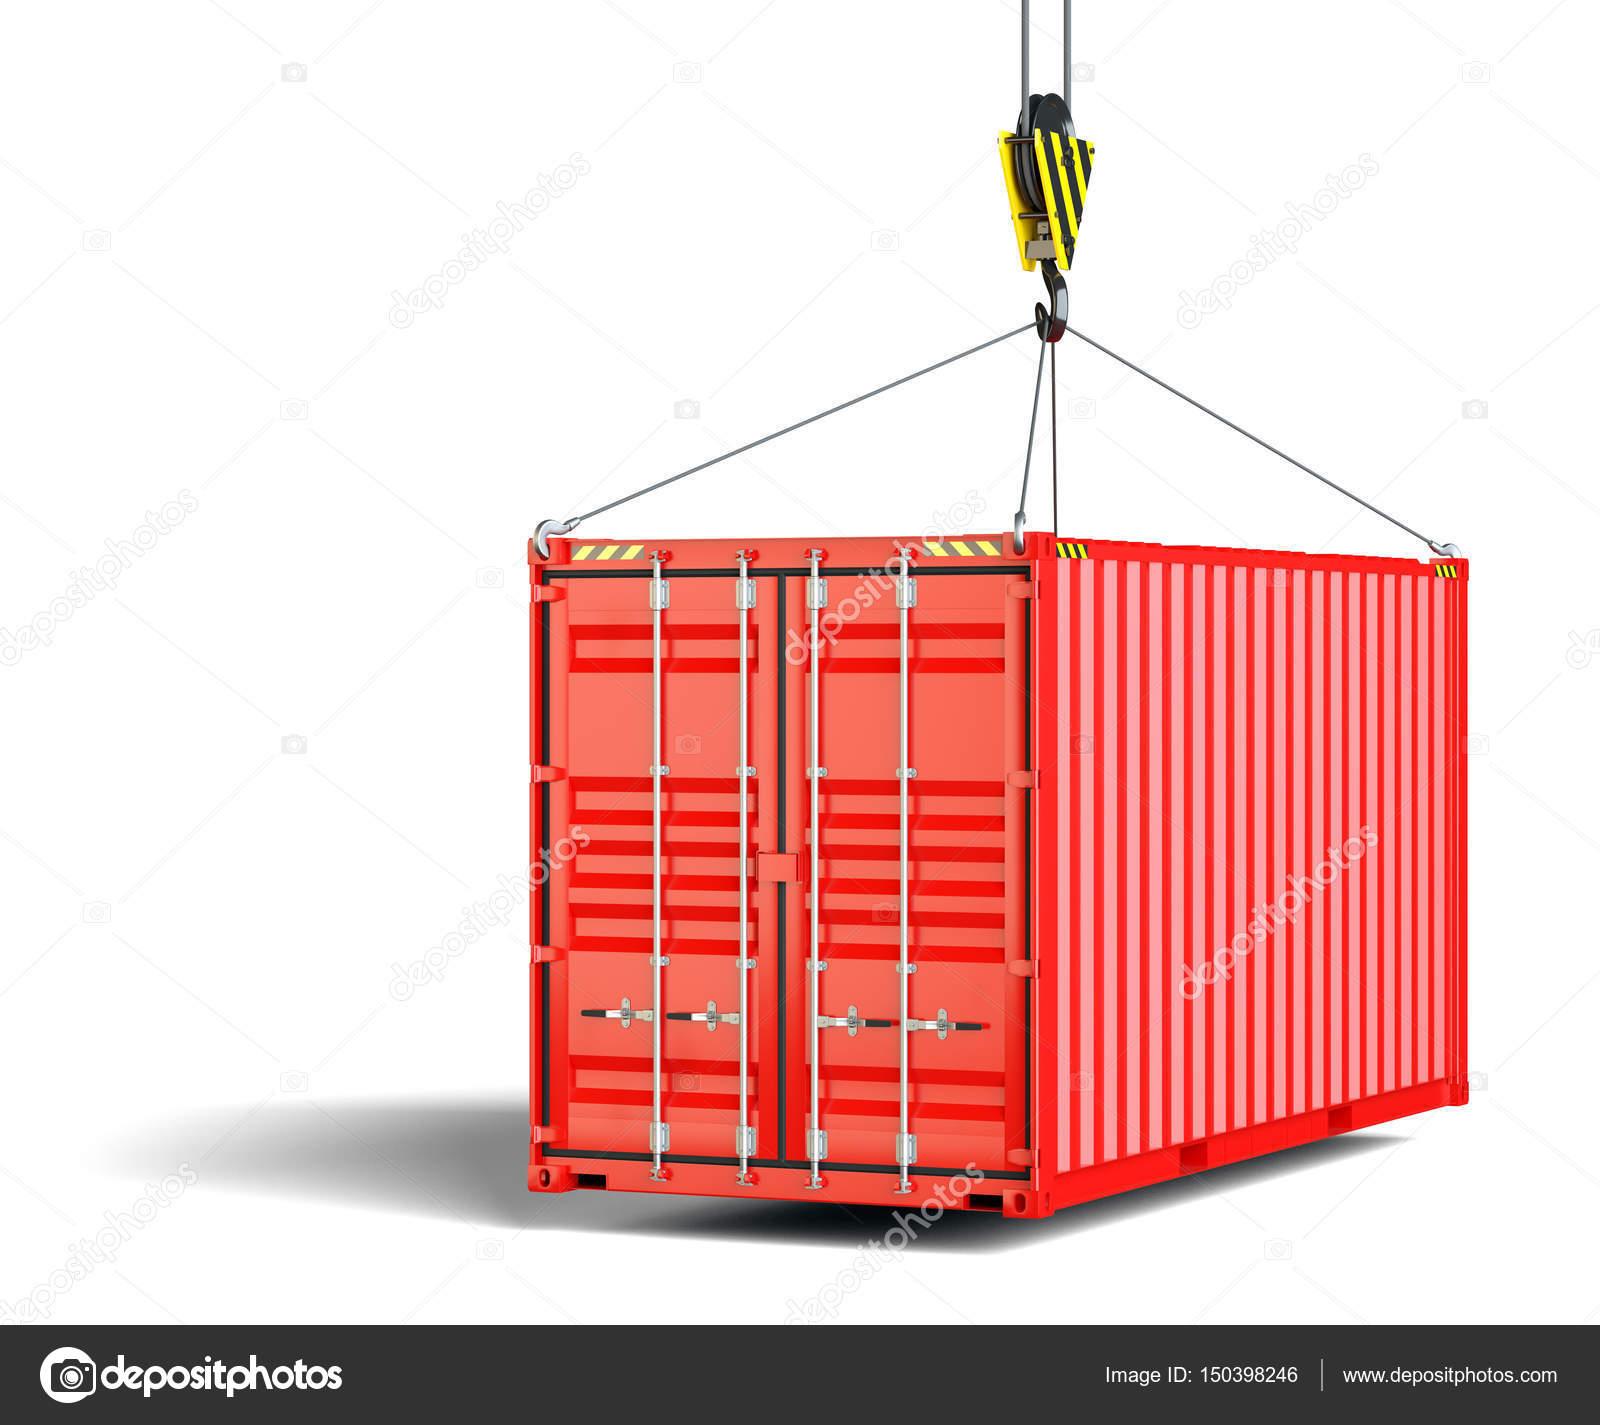 un conteneur d exp dition se bloque sur le crochet de levage photographie cherezoff 150398246. Black Bedroom Furniture Sets. Home Design Ideas